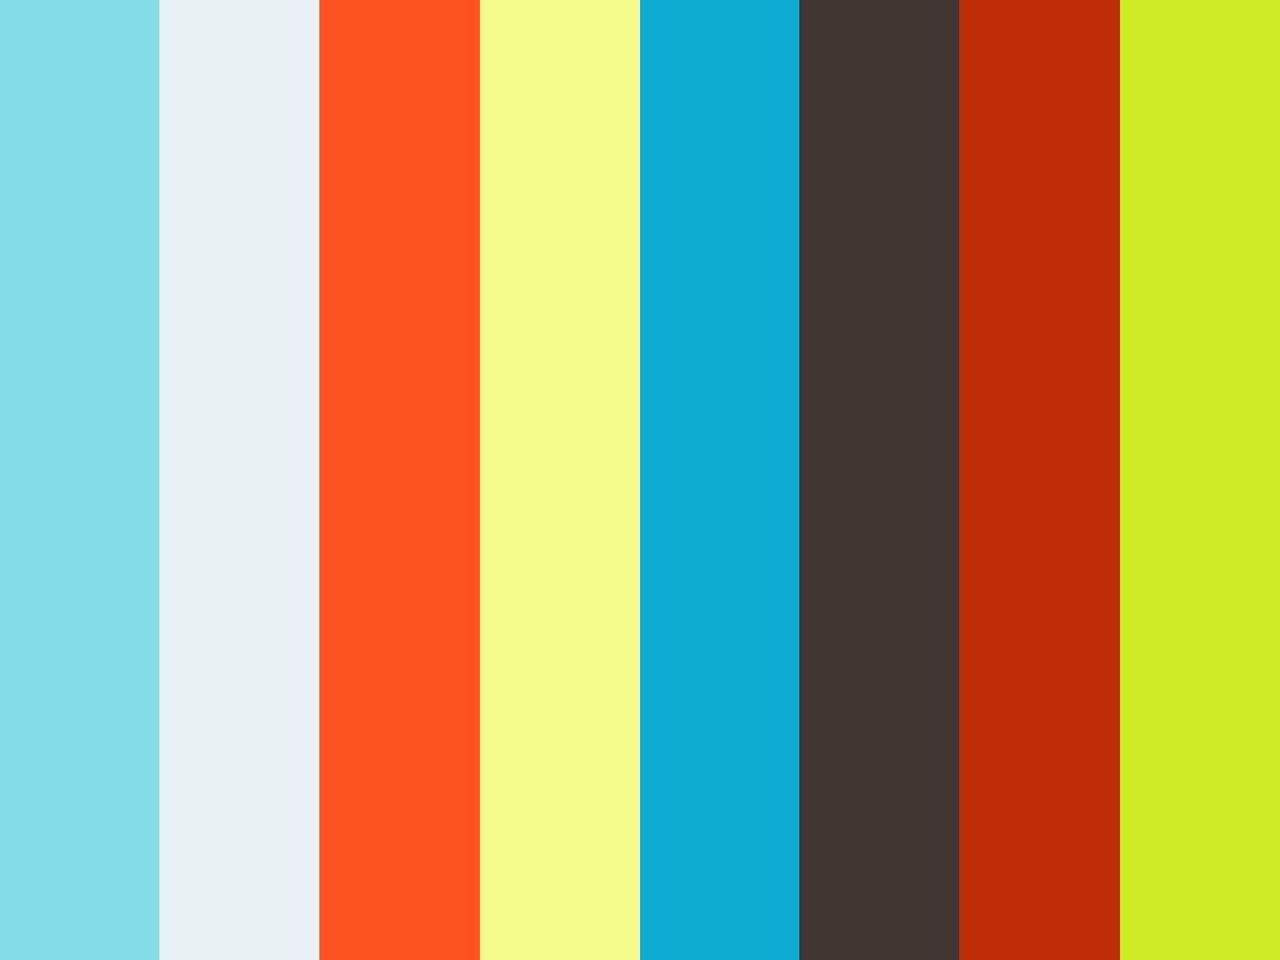 002868 - SNTV - Archipel